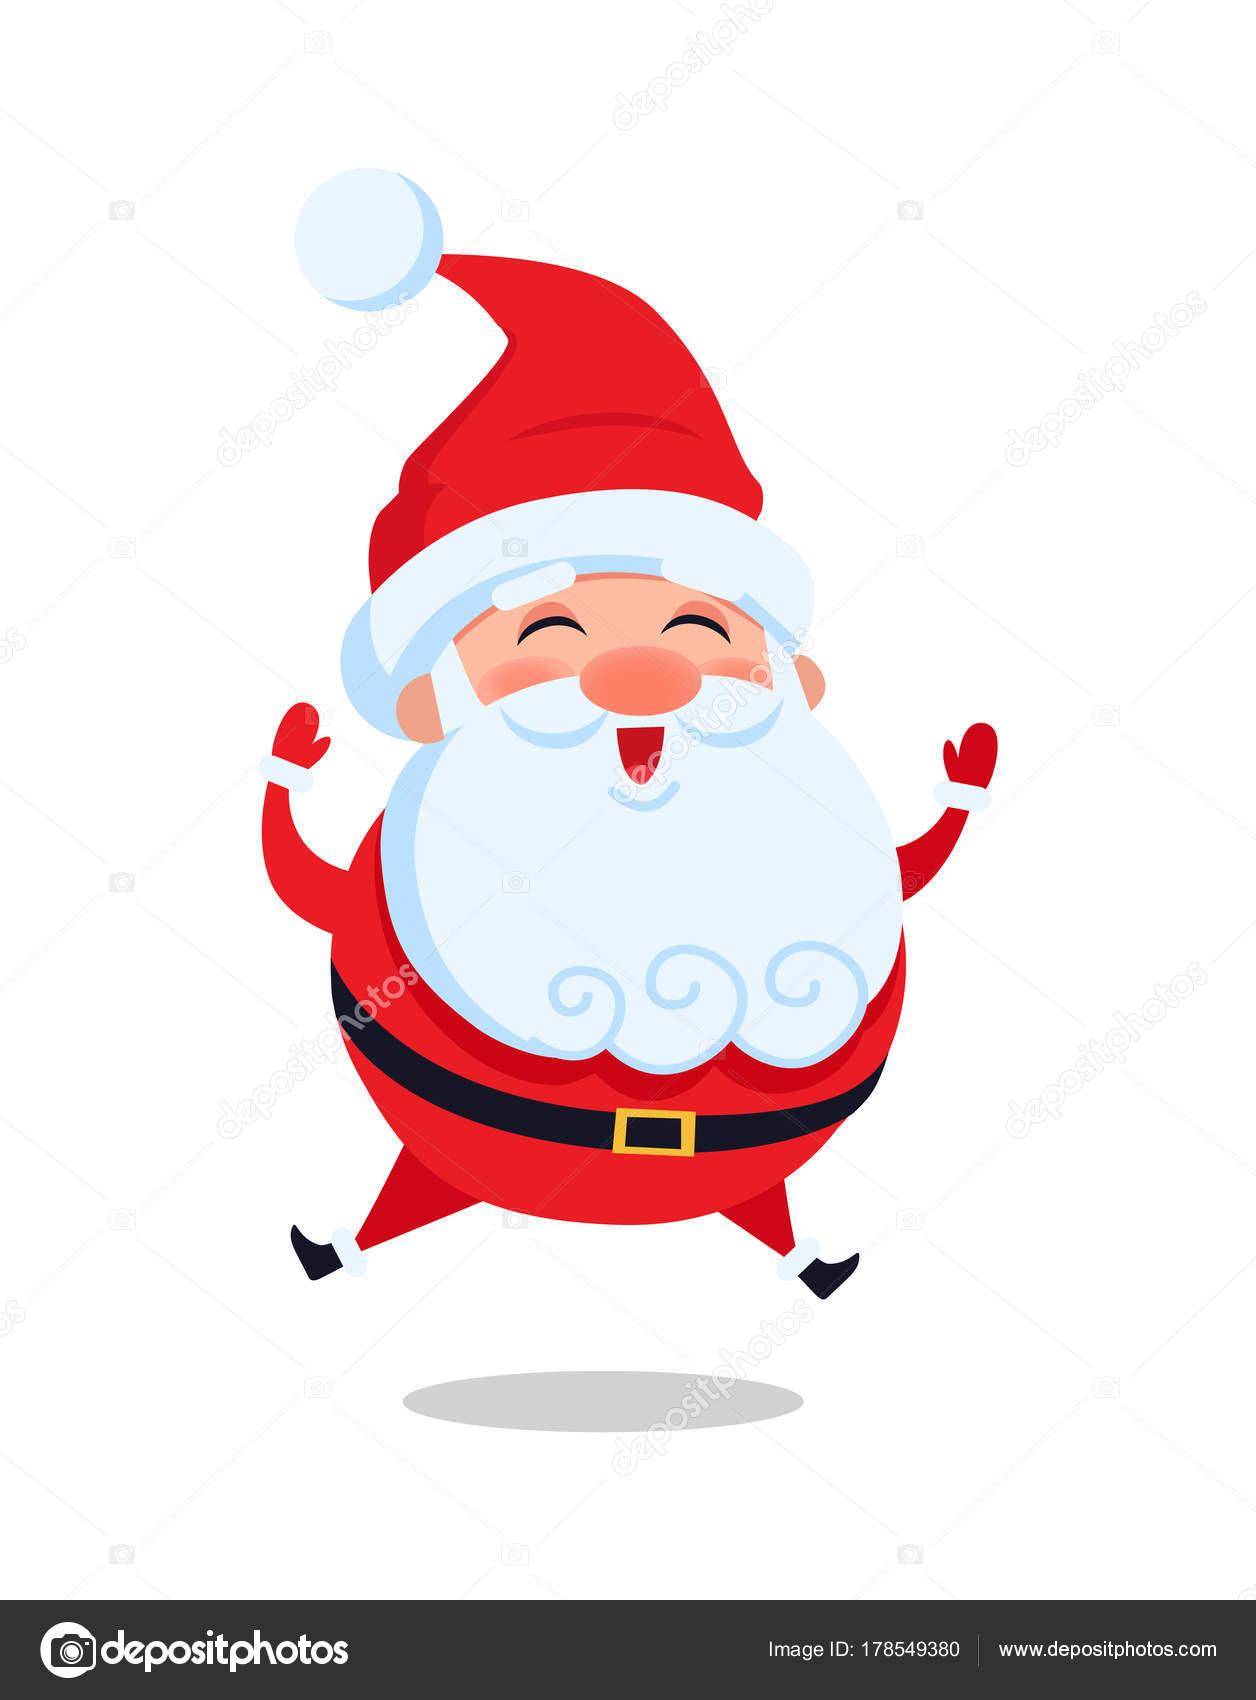 7f28343ca Feliz salta Papá Noel vector ilustración aislada sobre fondo blanco. Salta  Papá Noel en el aire saludando a todo el mundo y sonriendo de alegría —  Vector de ...